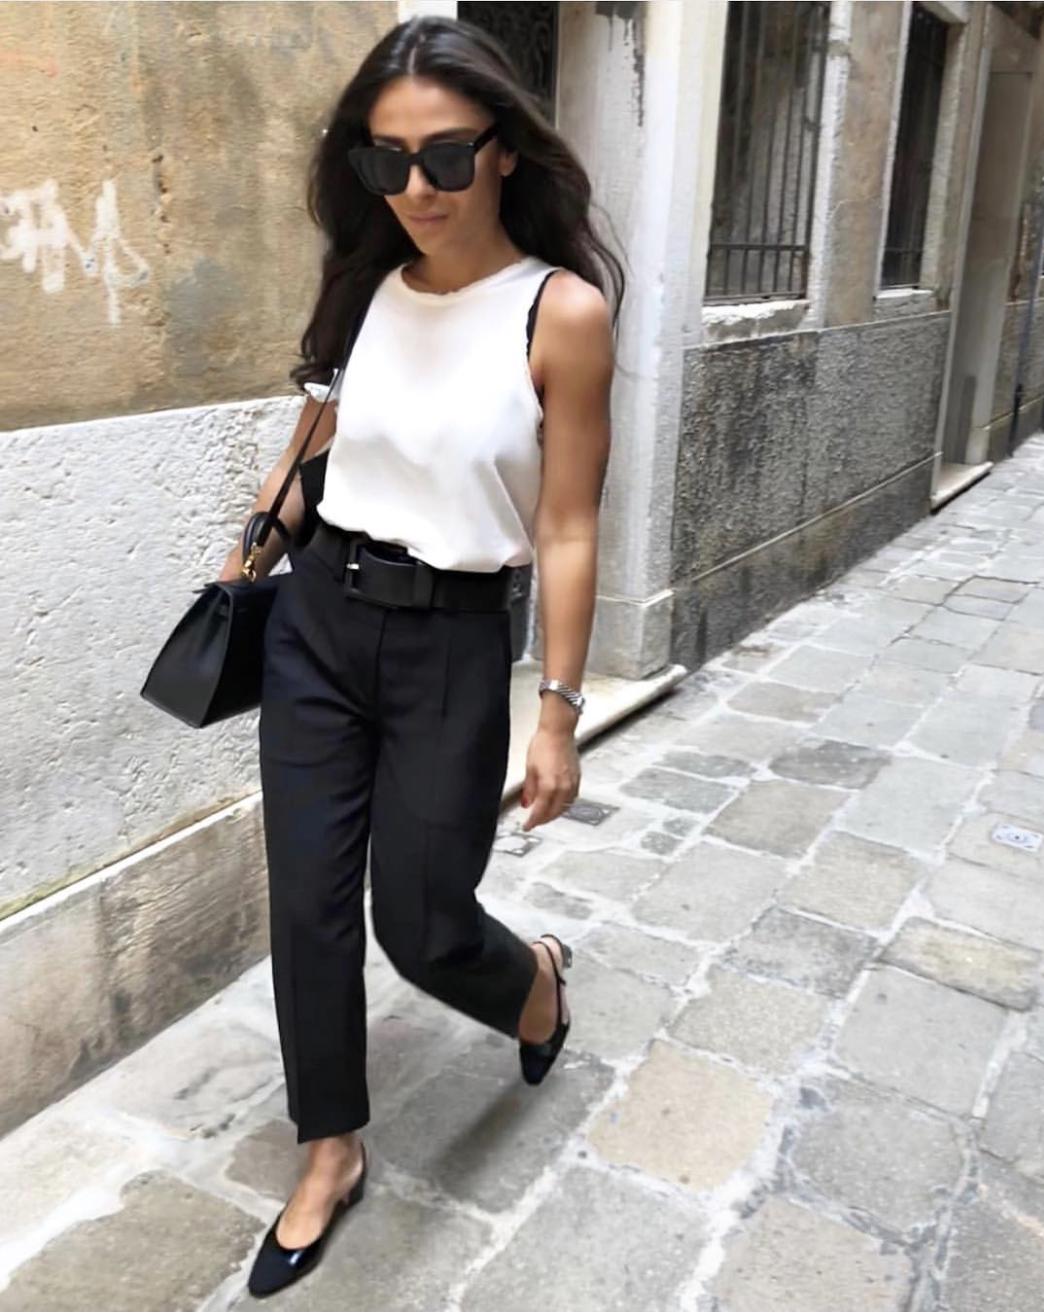 Top Instagram Picks: #Workwear Looks We Love This Week